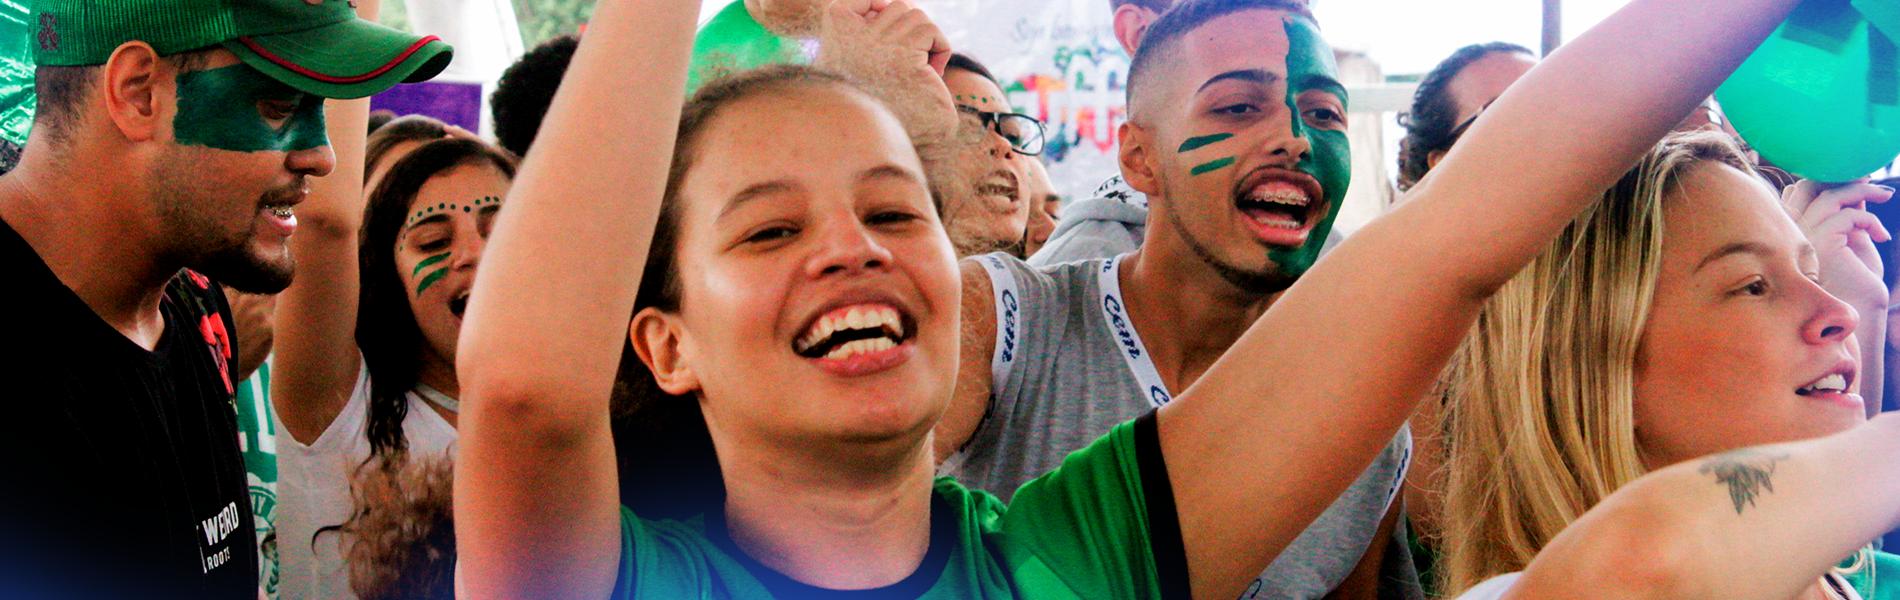 estudantes animados com rostos pintados no acolhimento cultural